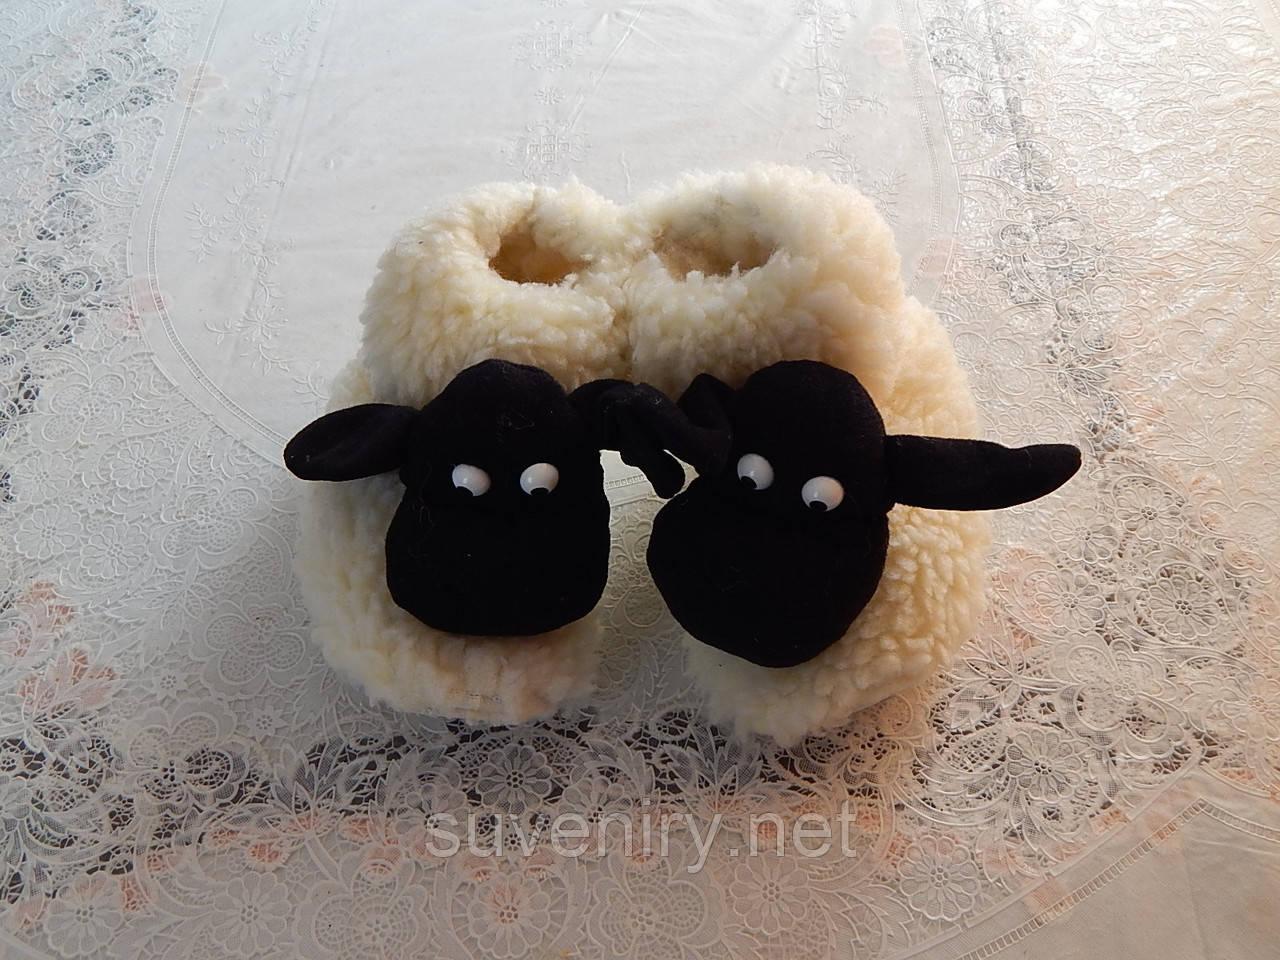 Чуни с овечкой из овечьей шерсти есть детские и взрослые